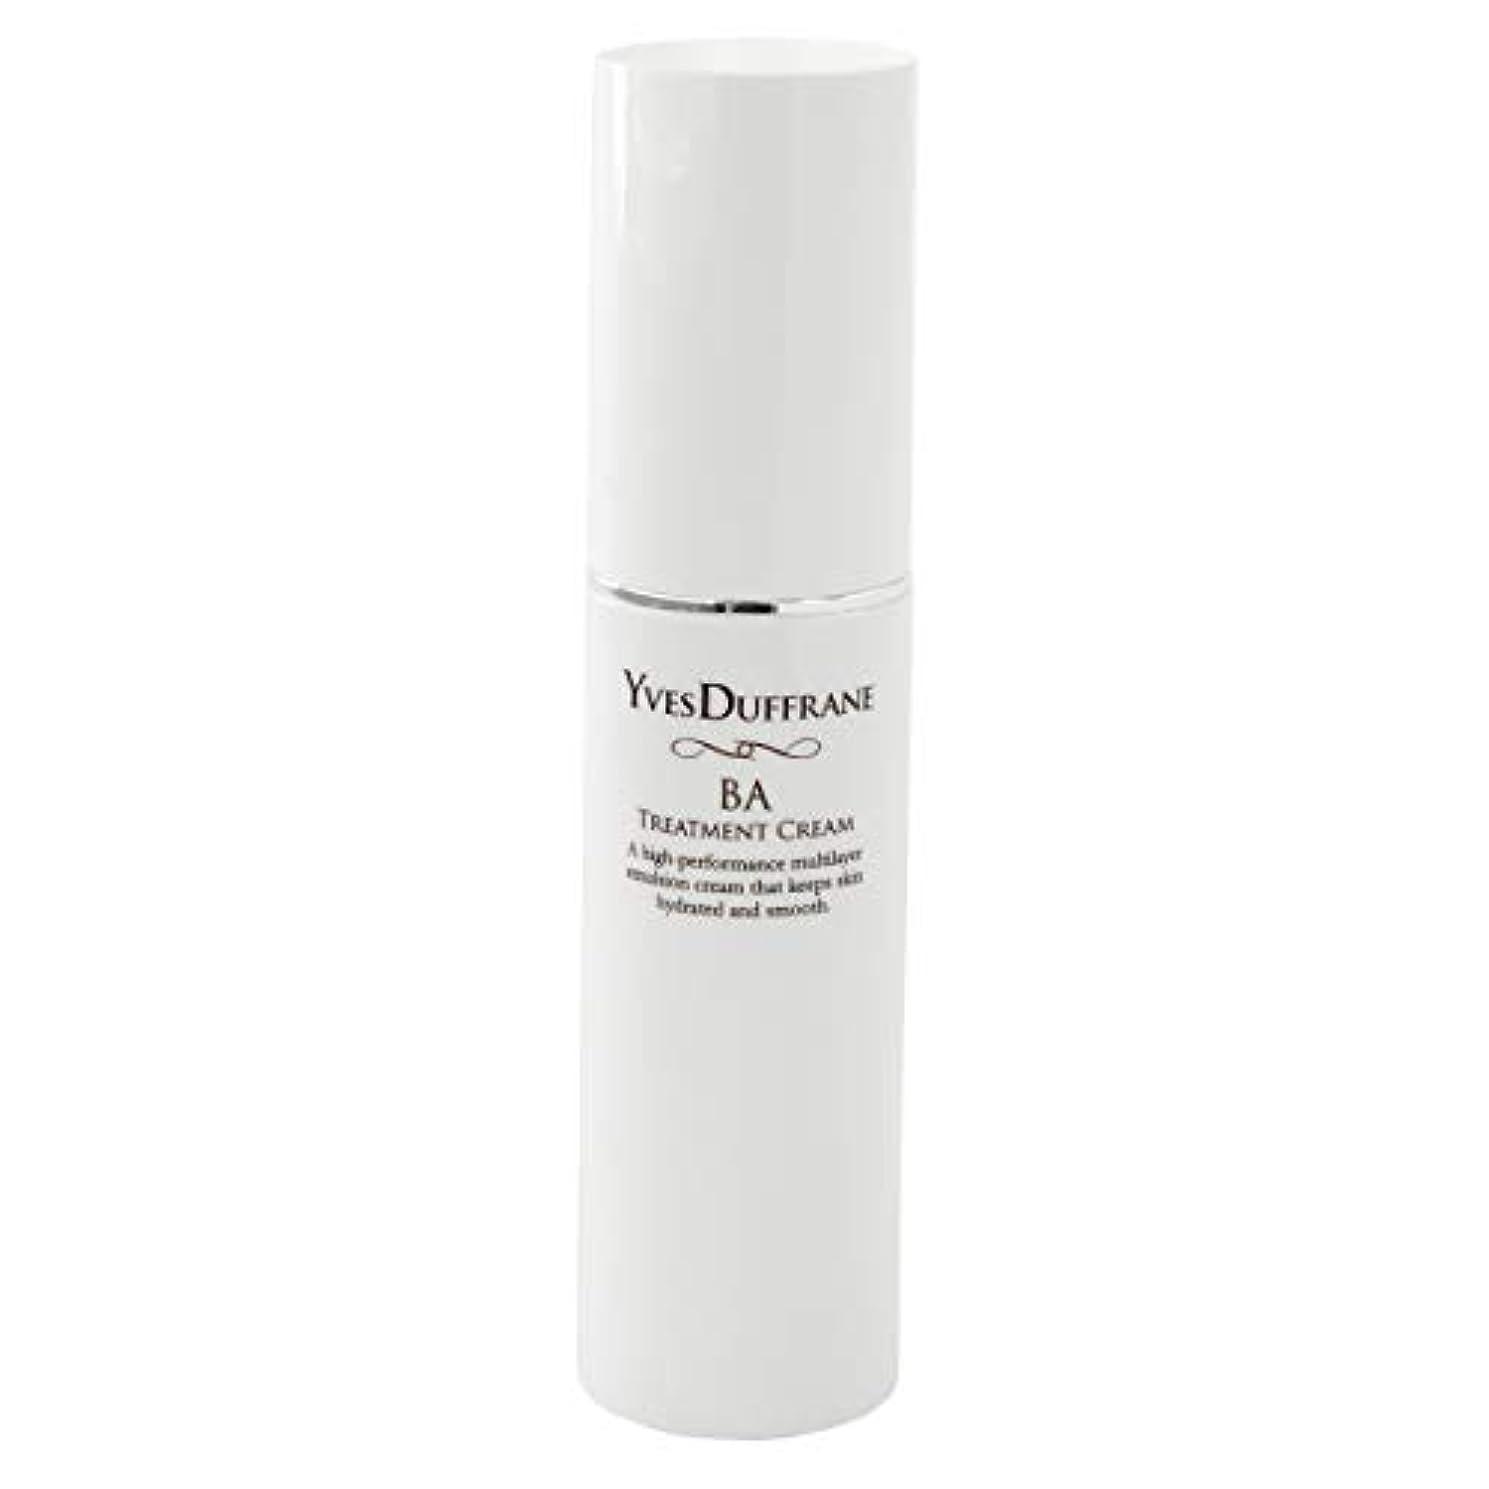 意見誘惑する鷲セラミド 美容クリーム [BAトリートメント クリーム ] 顔 目元 敏感肌 保湿 セラミド ビタミンC誘導体 バイオアンテージ配合